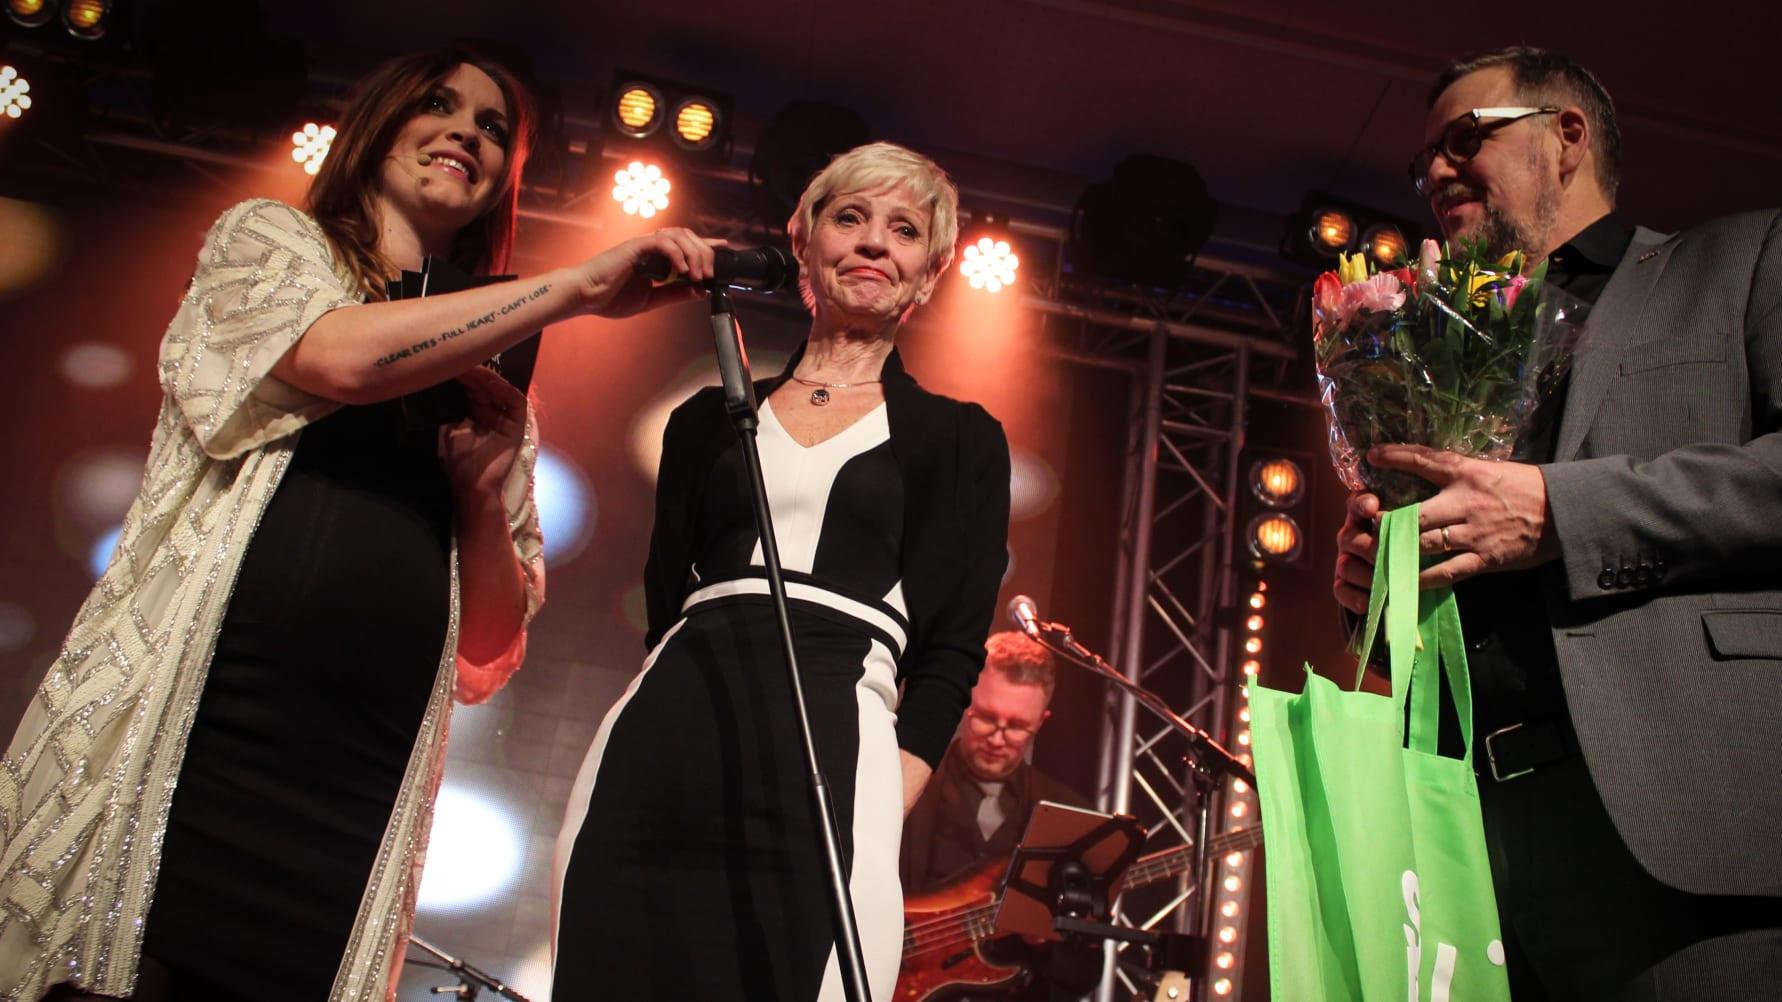 Britt-Marie Lundmark (mitten) stod för 2016 års bästa affärsidé och blev därmed vinnare av Vinn ett aktiebolag. Under Alvargalan tog hon emot priset av Skellefteå kommuns näringslivschef Bengt Ivansson.